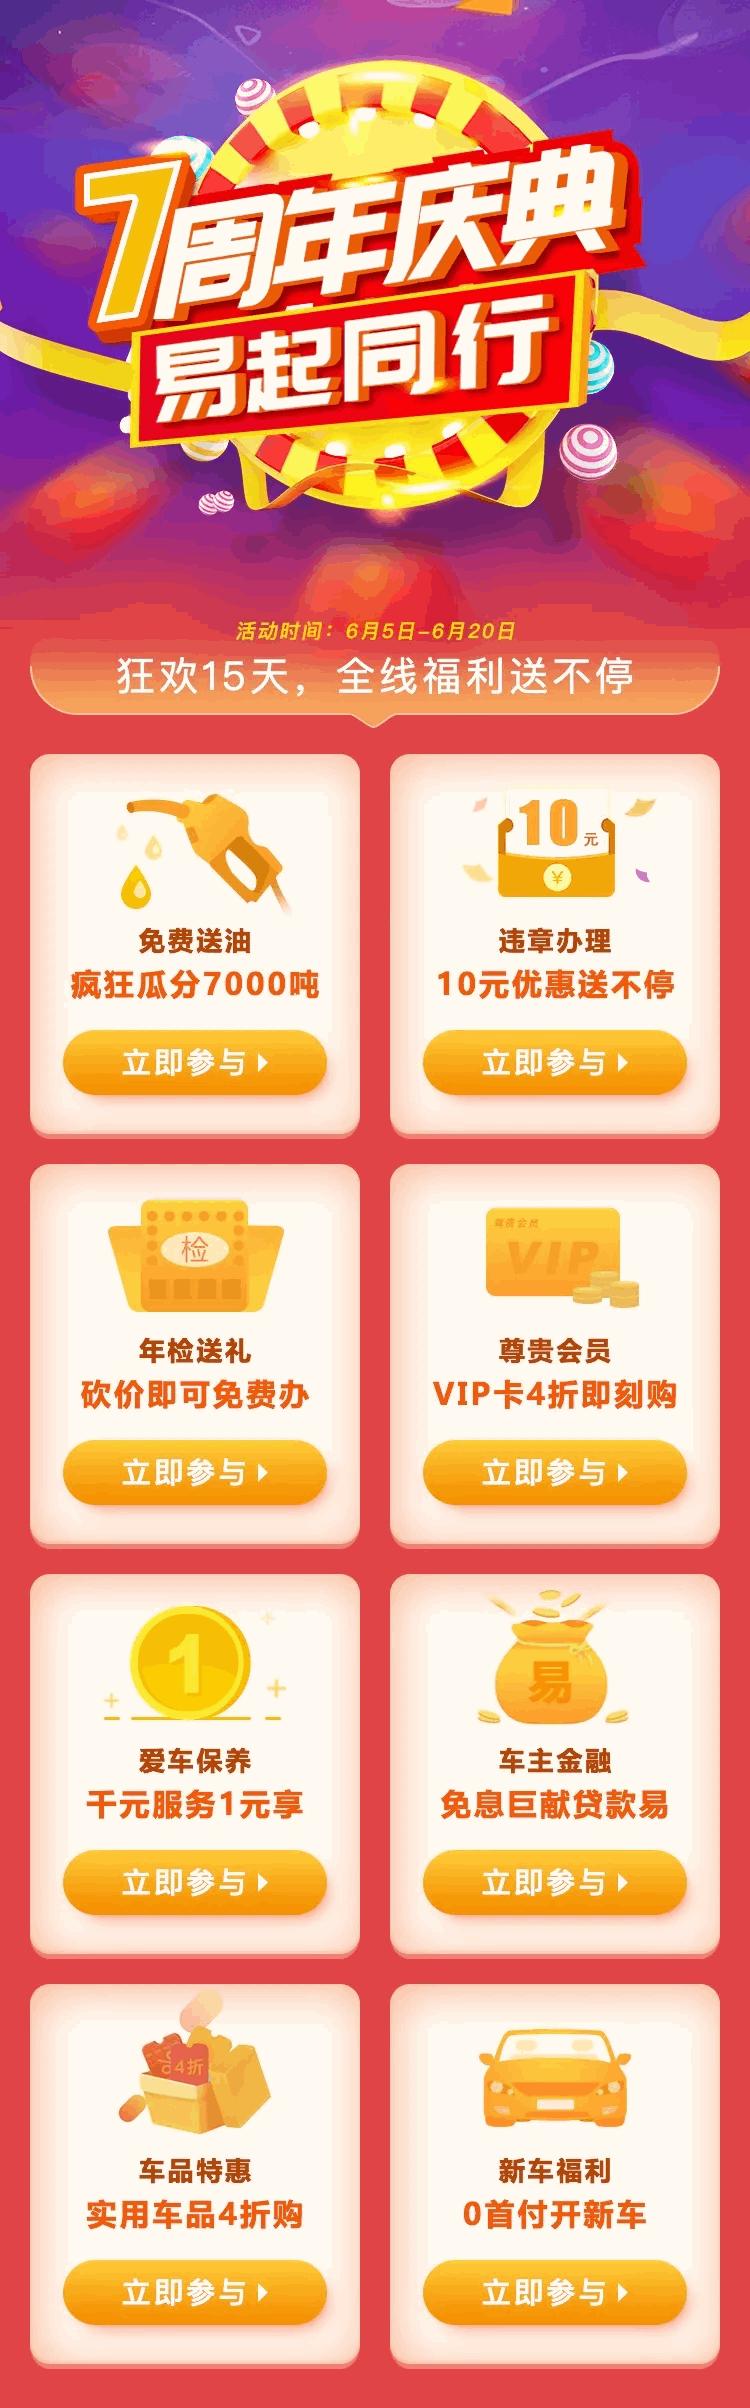 千赢平台官网 8